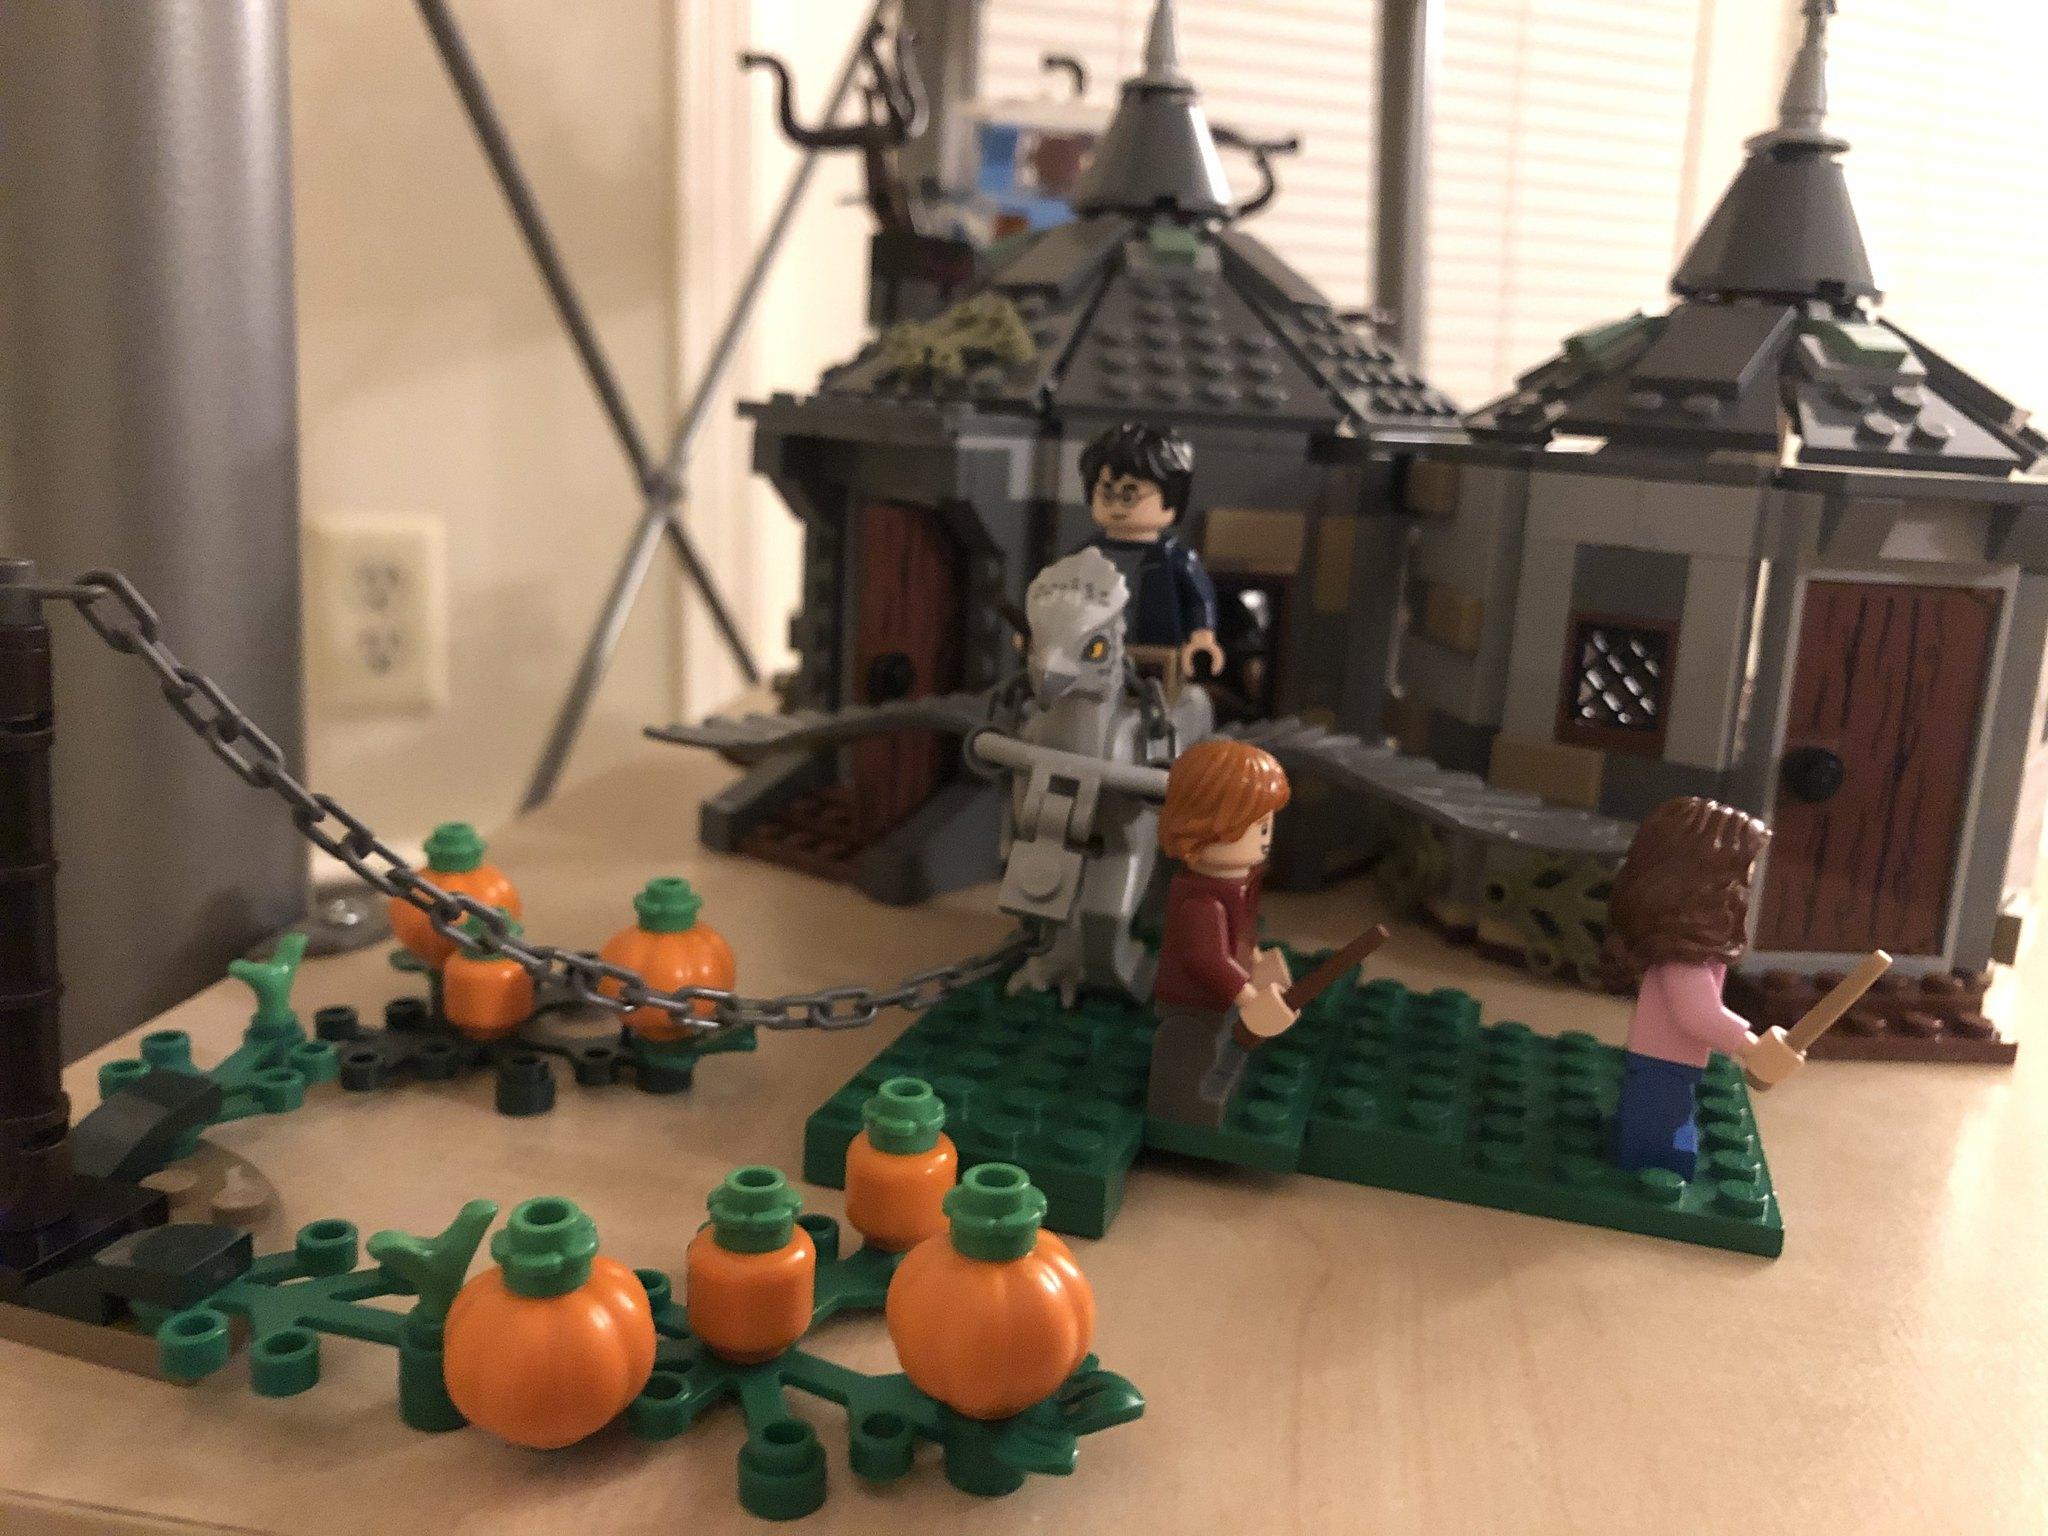 Saving Buckbeak